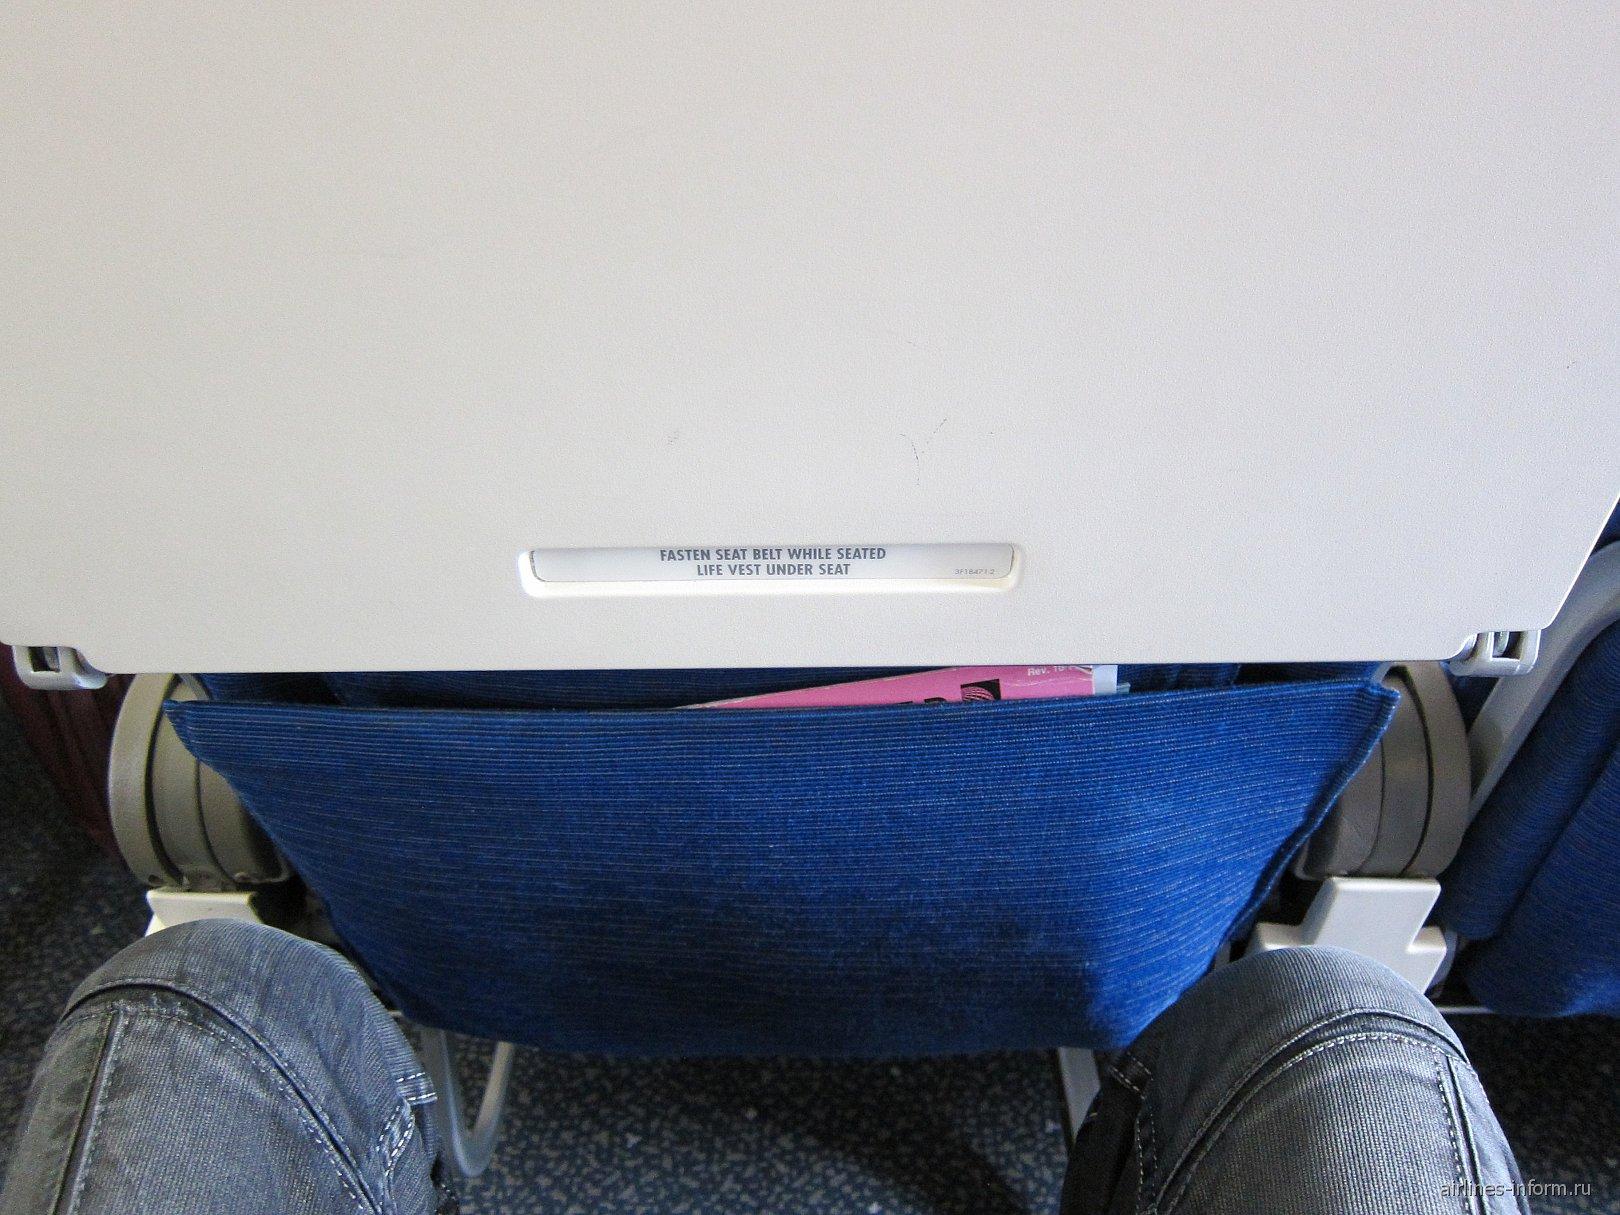 Салон самолета Airbus A319 авиакомпании United